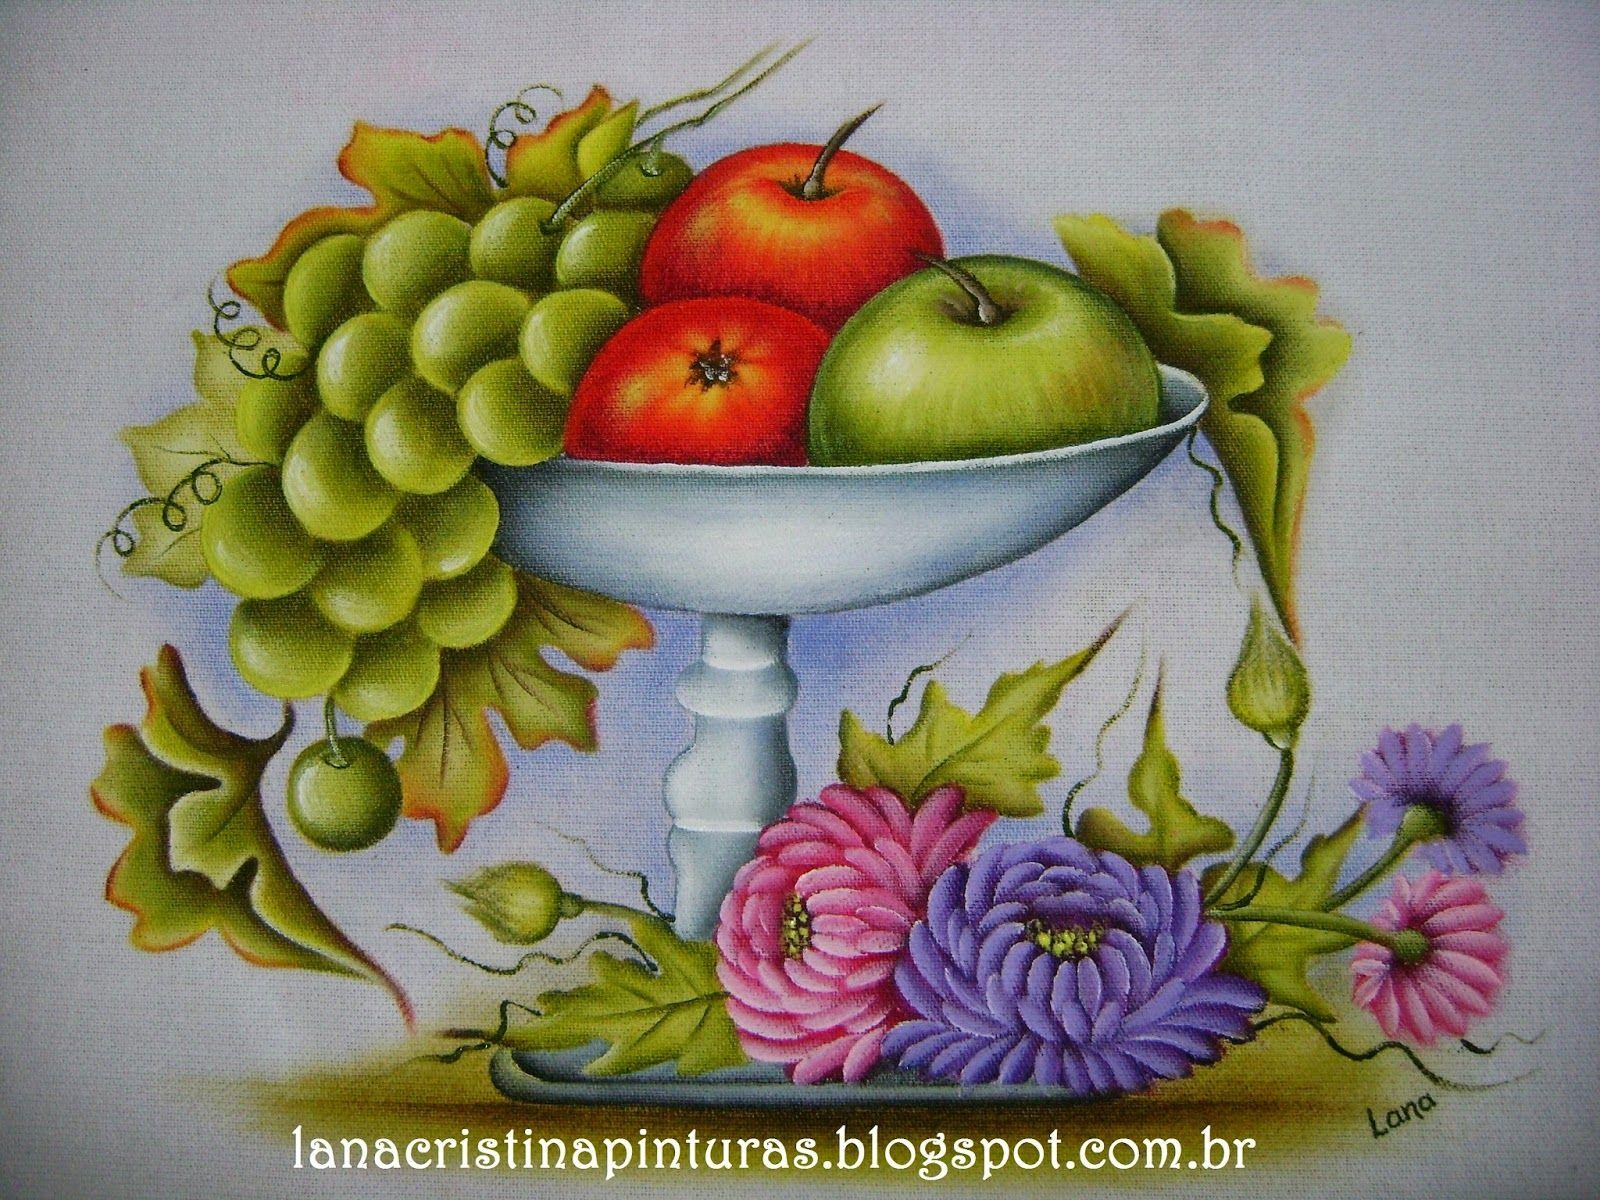 Armario Para Lavanderia Mercado Livre ~ Pintura em Tecido e Artesanato Cris u00e2ntemos, Fruteira com Uvas e Maç u00e3s Pintura e Frutas